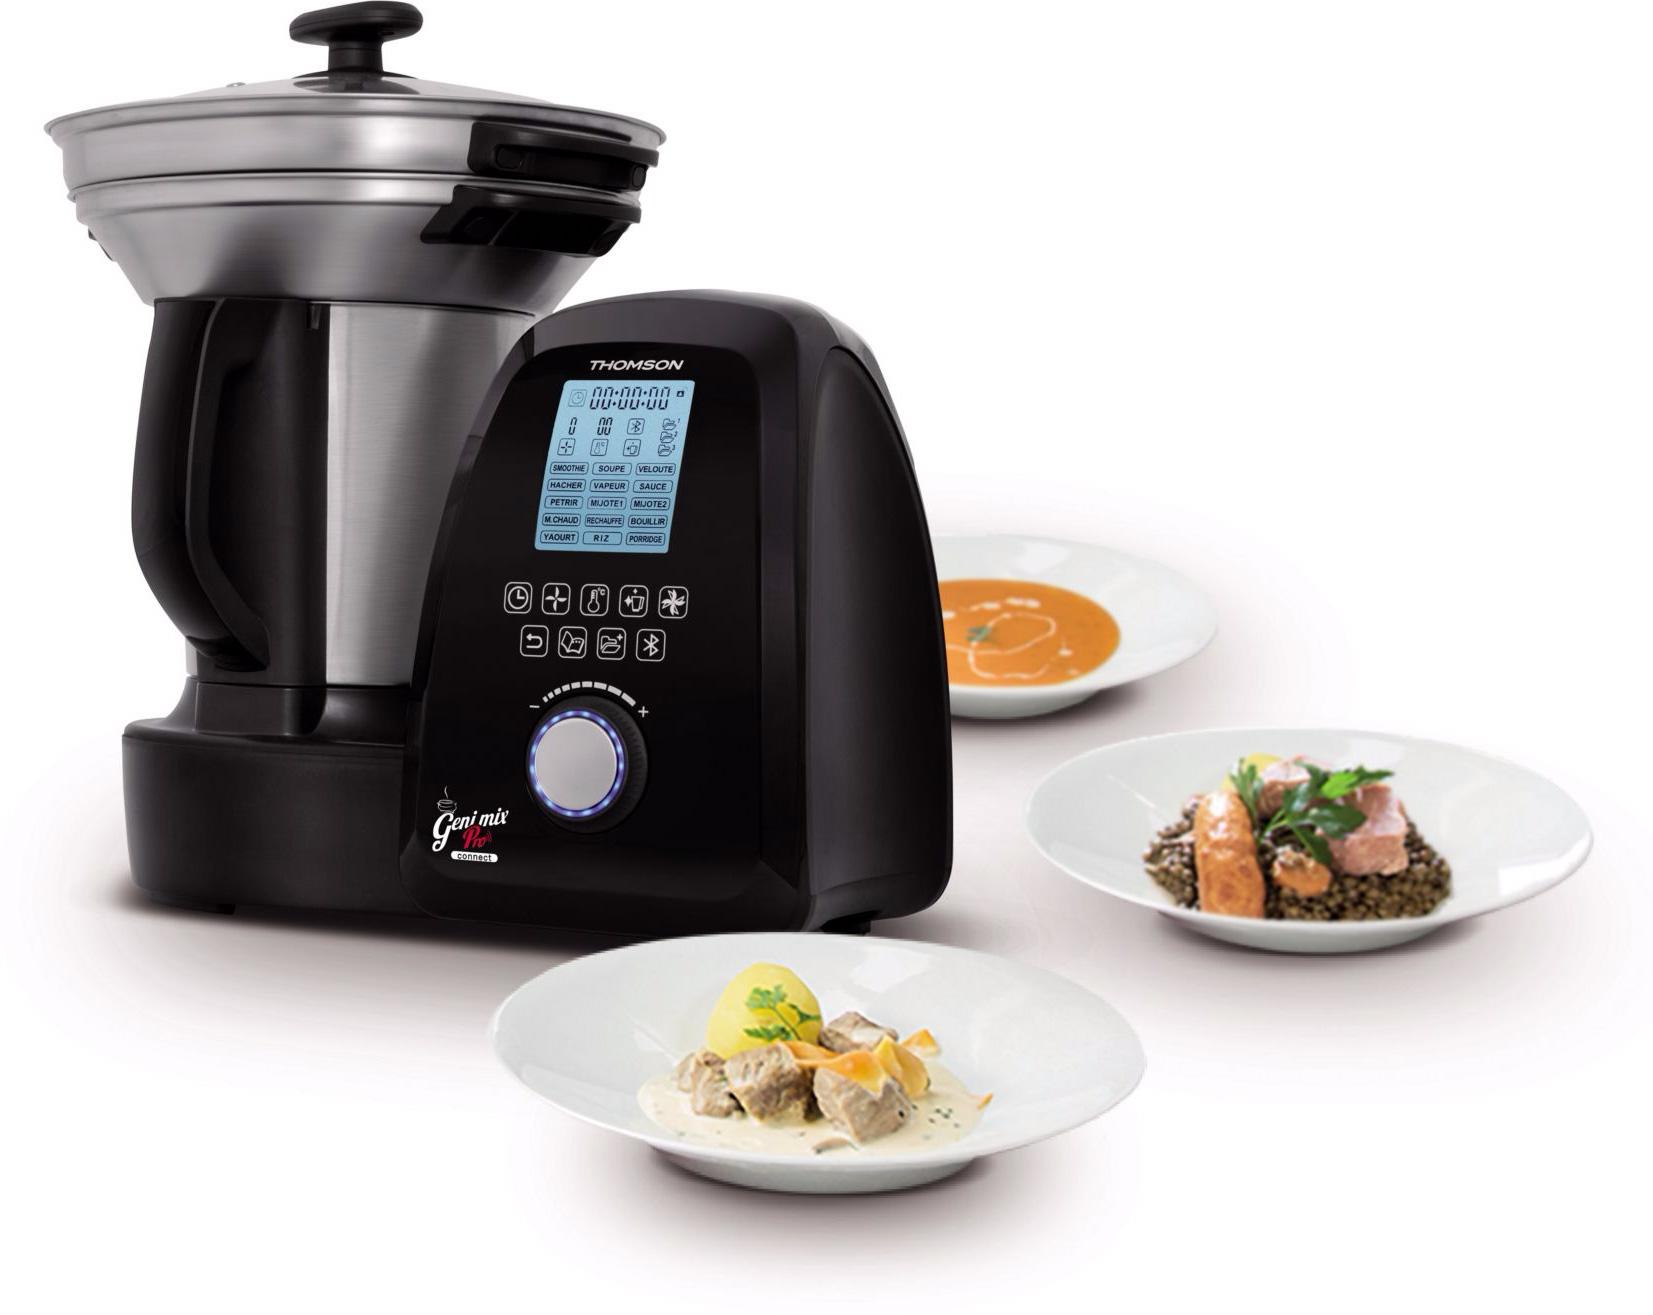 robot pour cuisiner comme un pro top robot chef natura w robots de cuisine petit mathonfr with. Black Bedroom Furniture Sets. Home Design Ideas